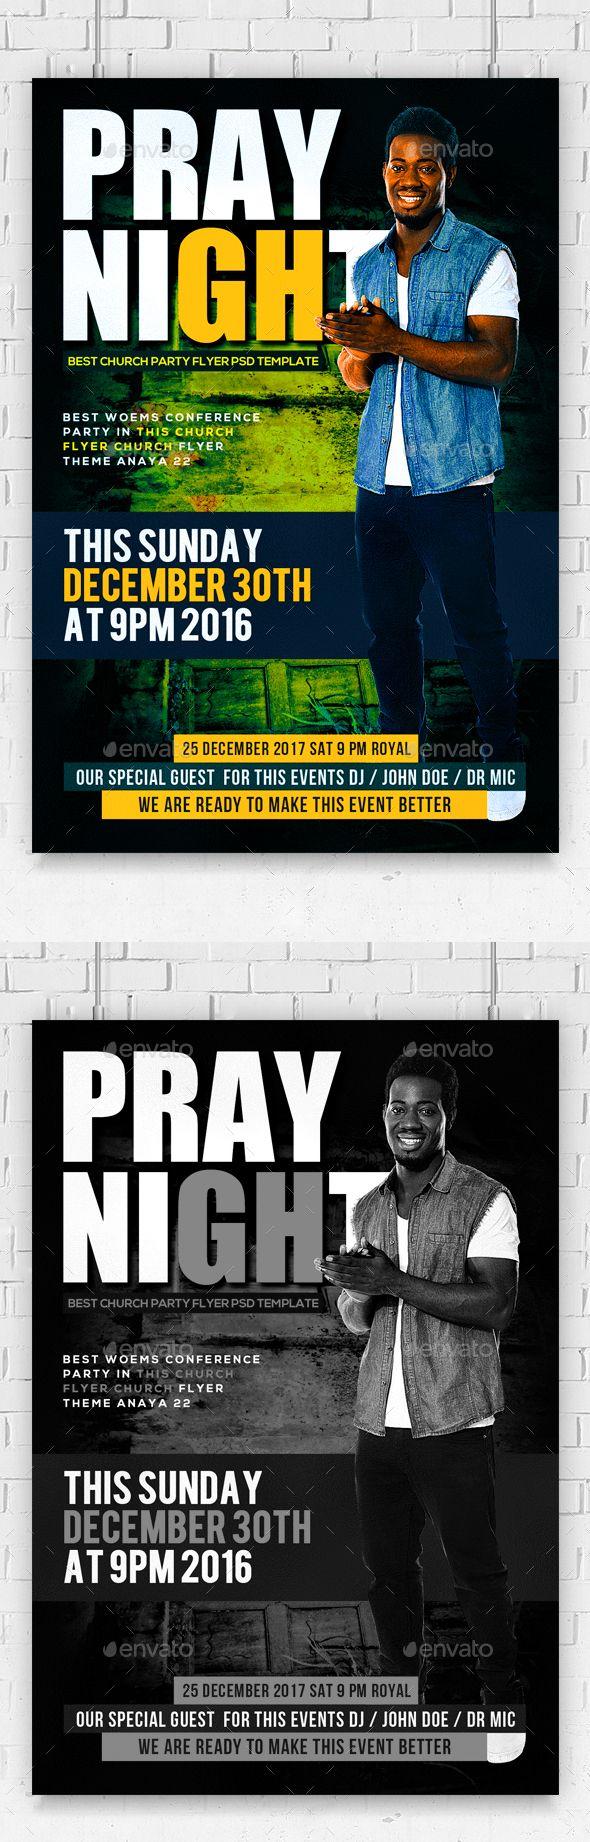 Church special guest flyer erkalnathandedecker prayer night church flyer psd churches font logo and fonts maxwellsz